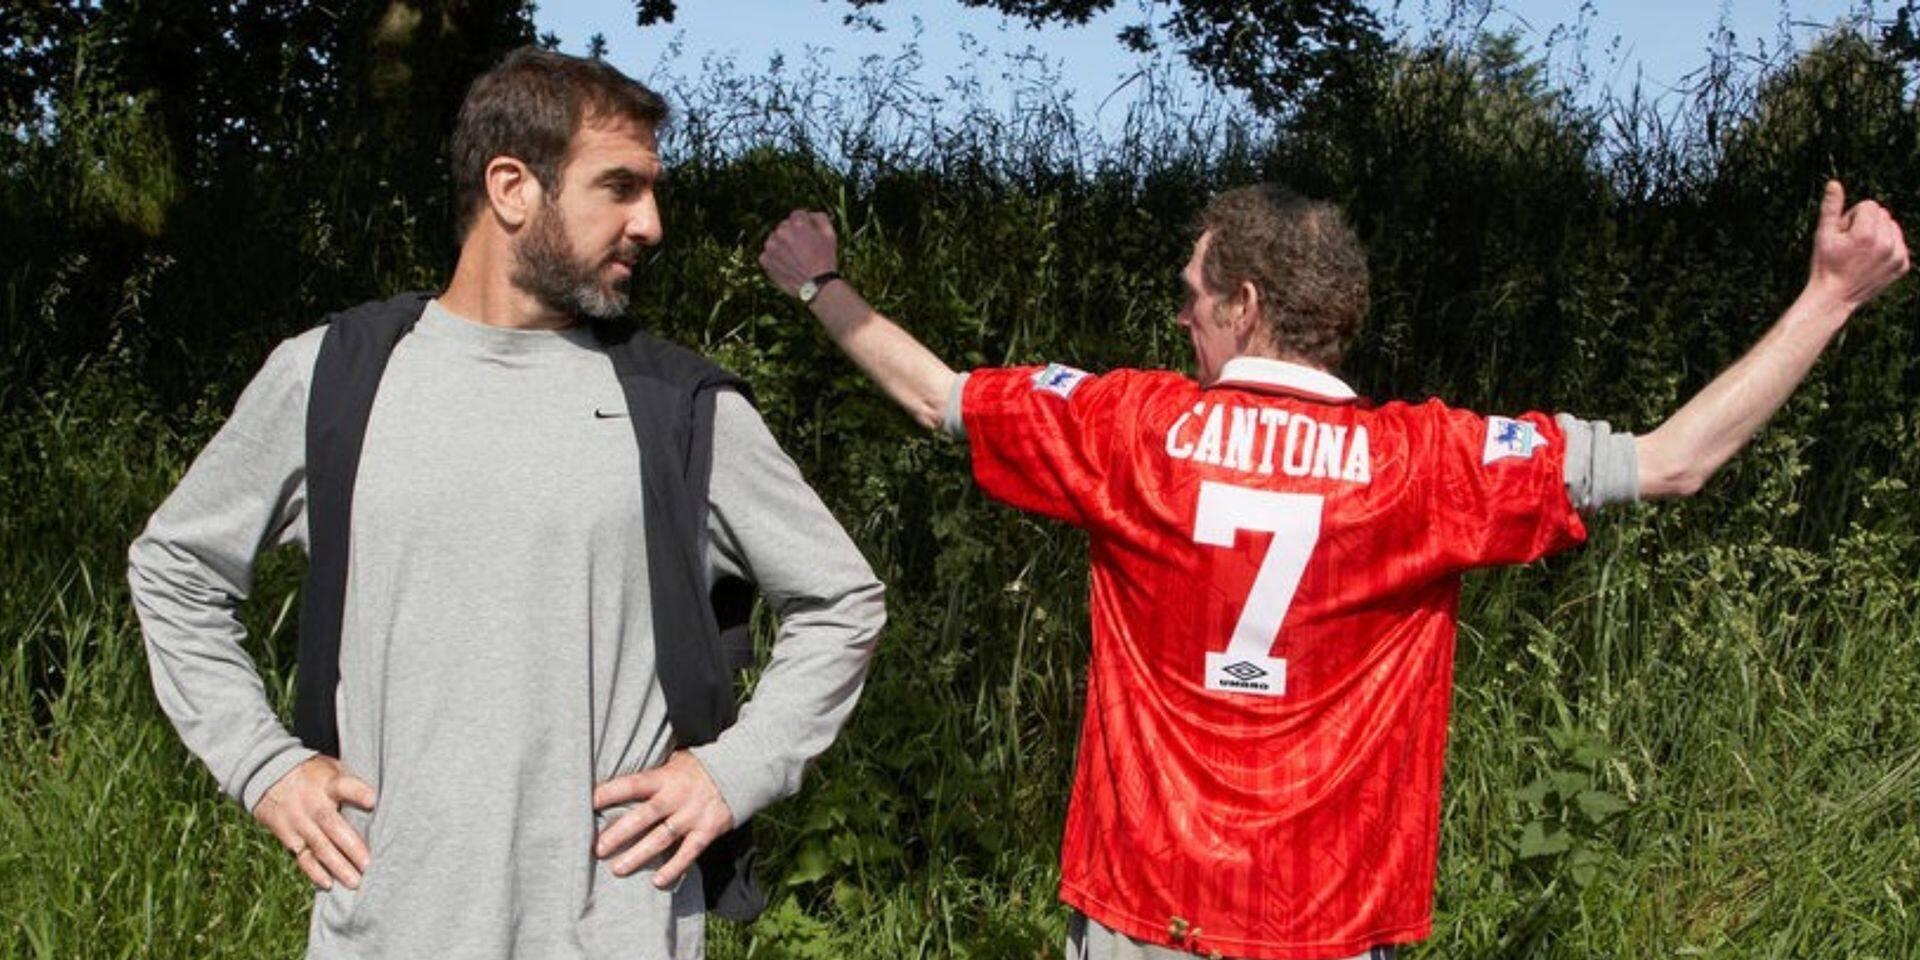 """Le football à l'écran, notre sélection de films et séries: """"Looking for Eric"""", le meilleur rôle de Cantona-le-philosophe (11/20)"""